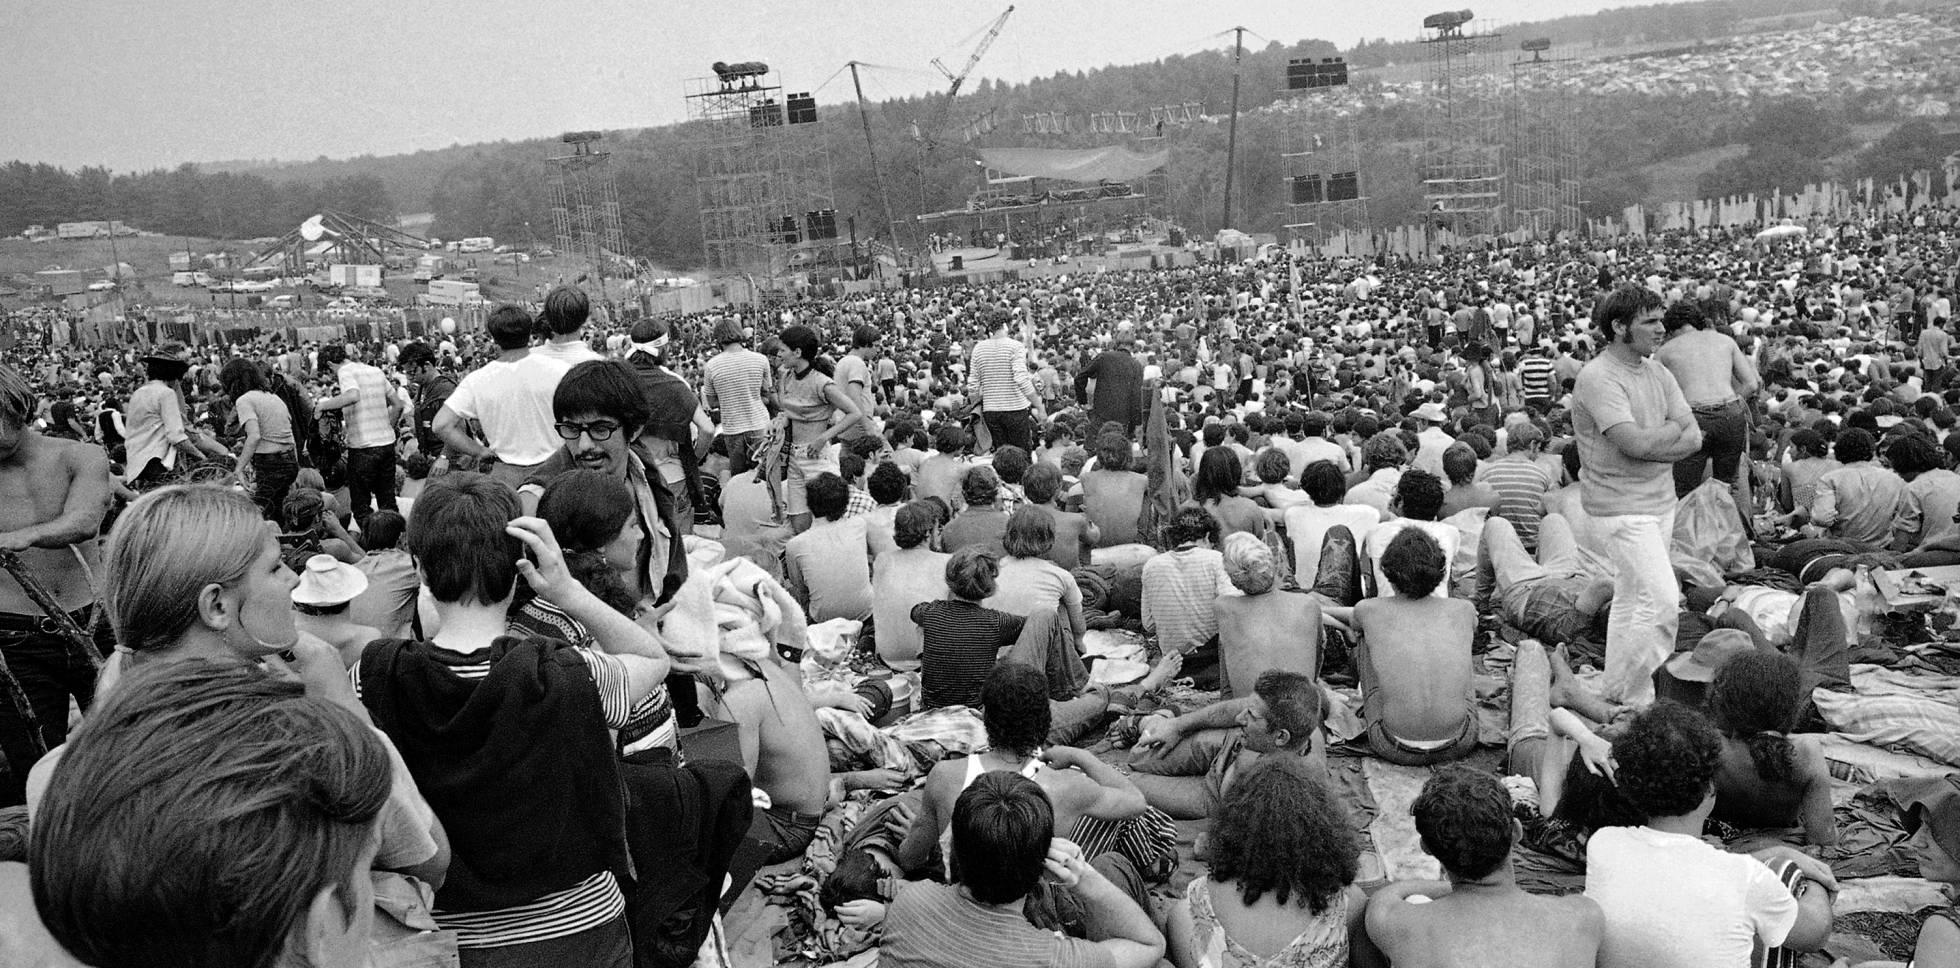 Festivalk de Música y Artes Woodstock, en agosto de 1969, en Bethel (New York).